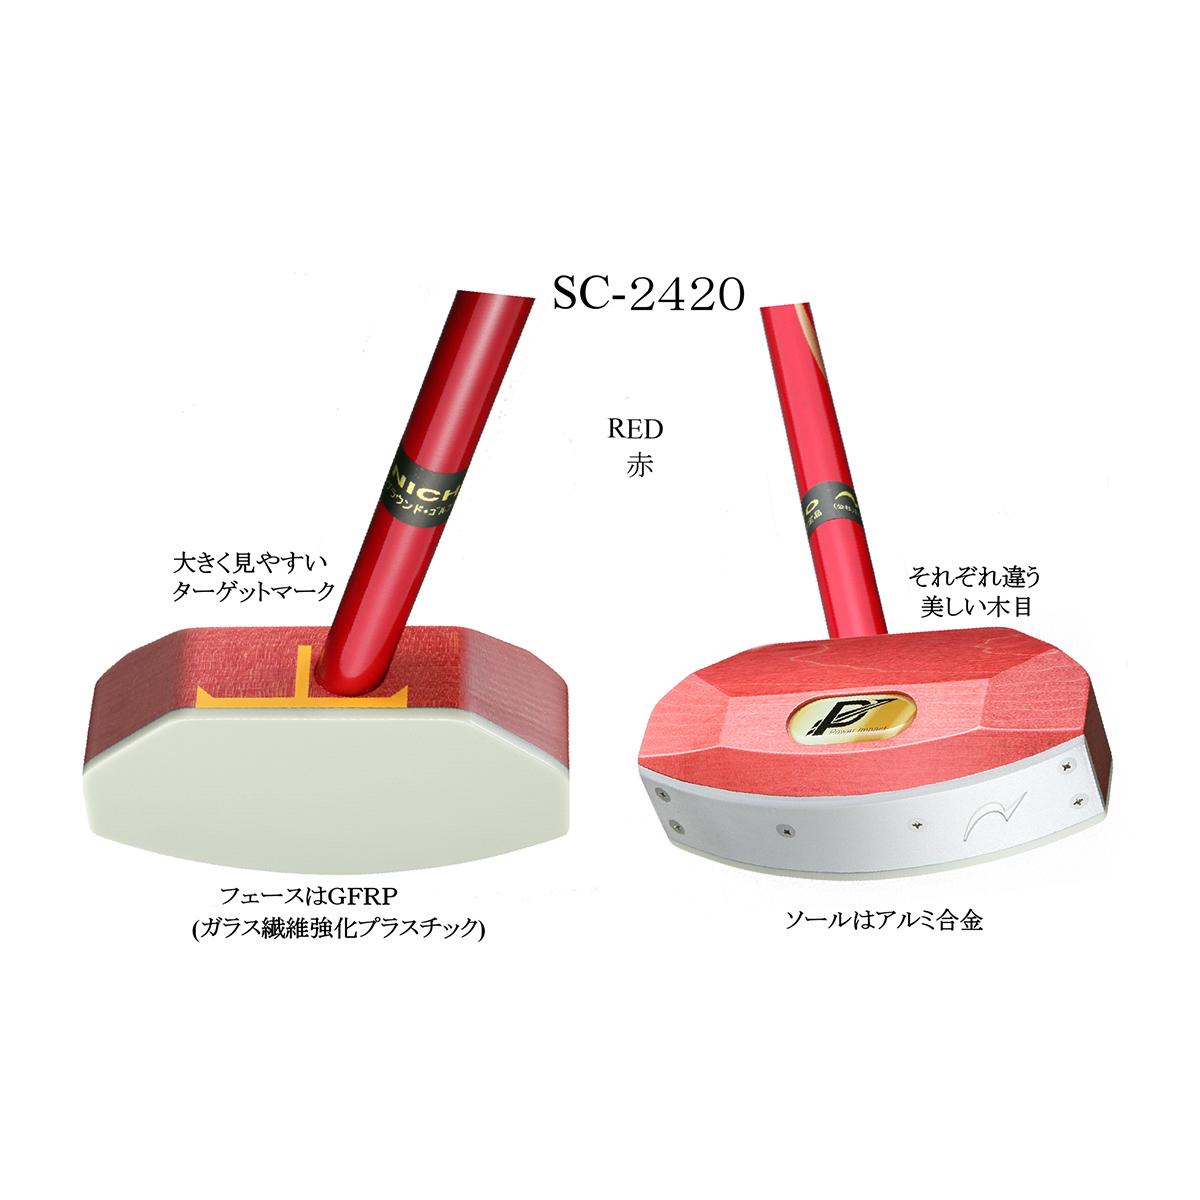 グラウンドゴルフ クラブ ニチヨー NICHIYO パワーインパクト モデル SC-2420 グラウンドゴルフ用品 グランドゴルフ用品